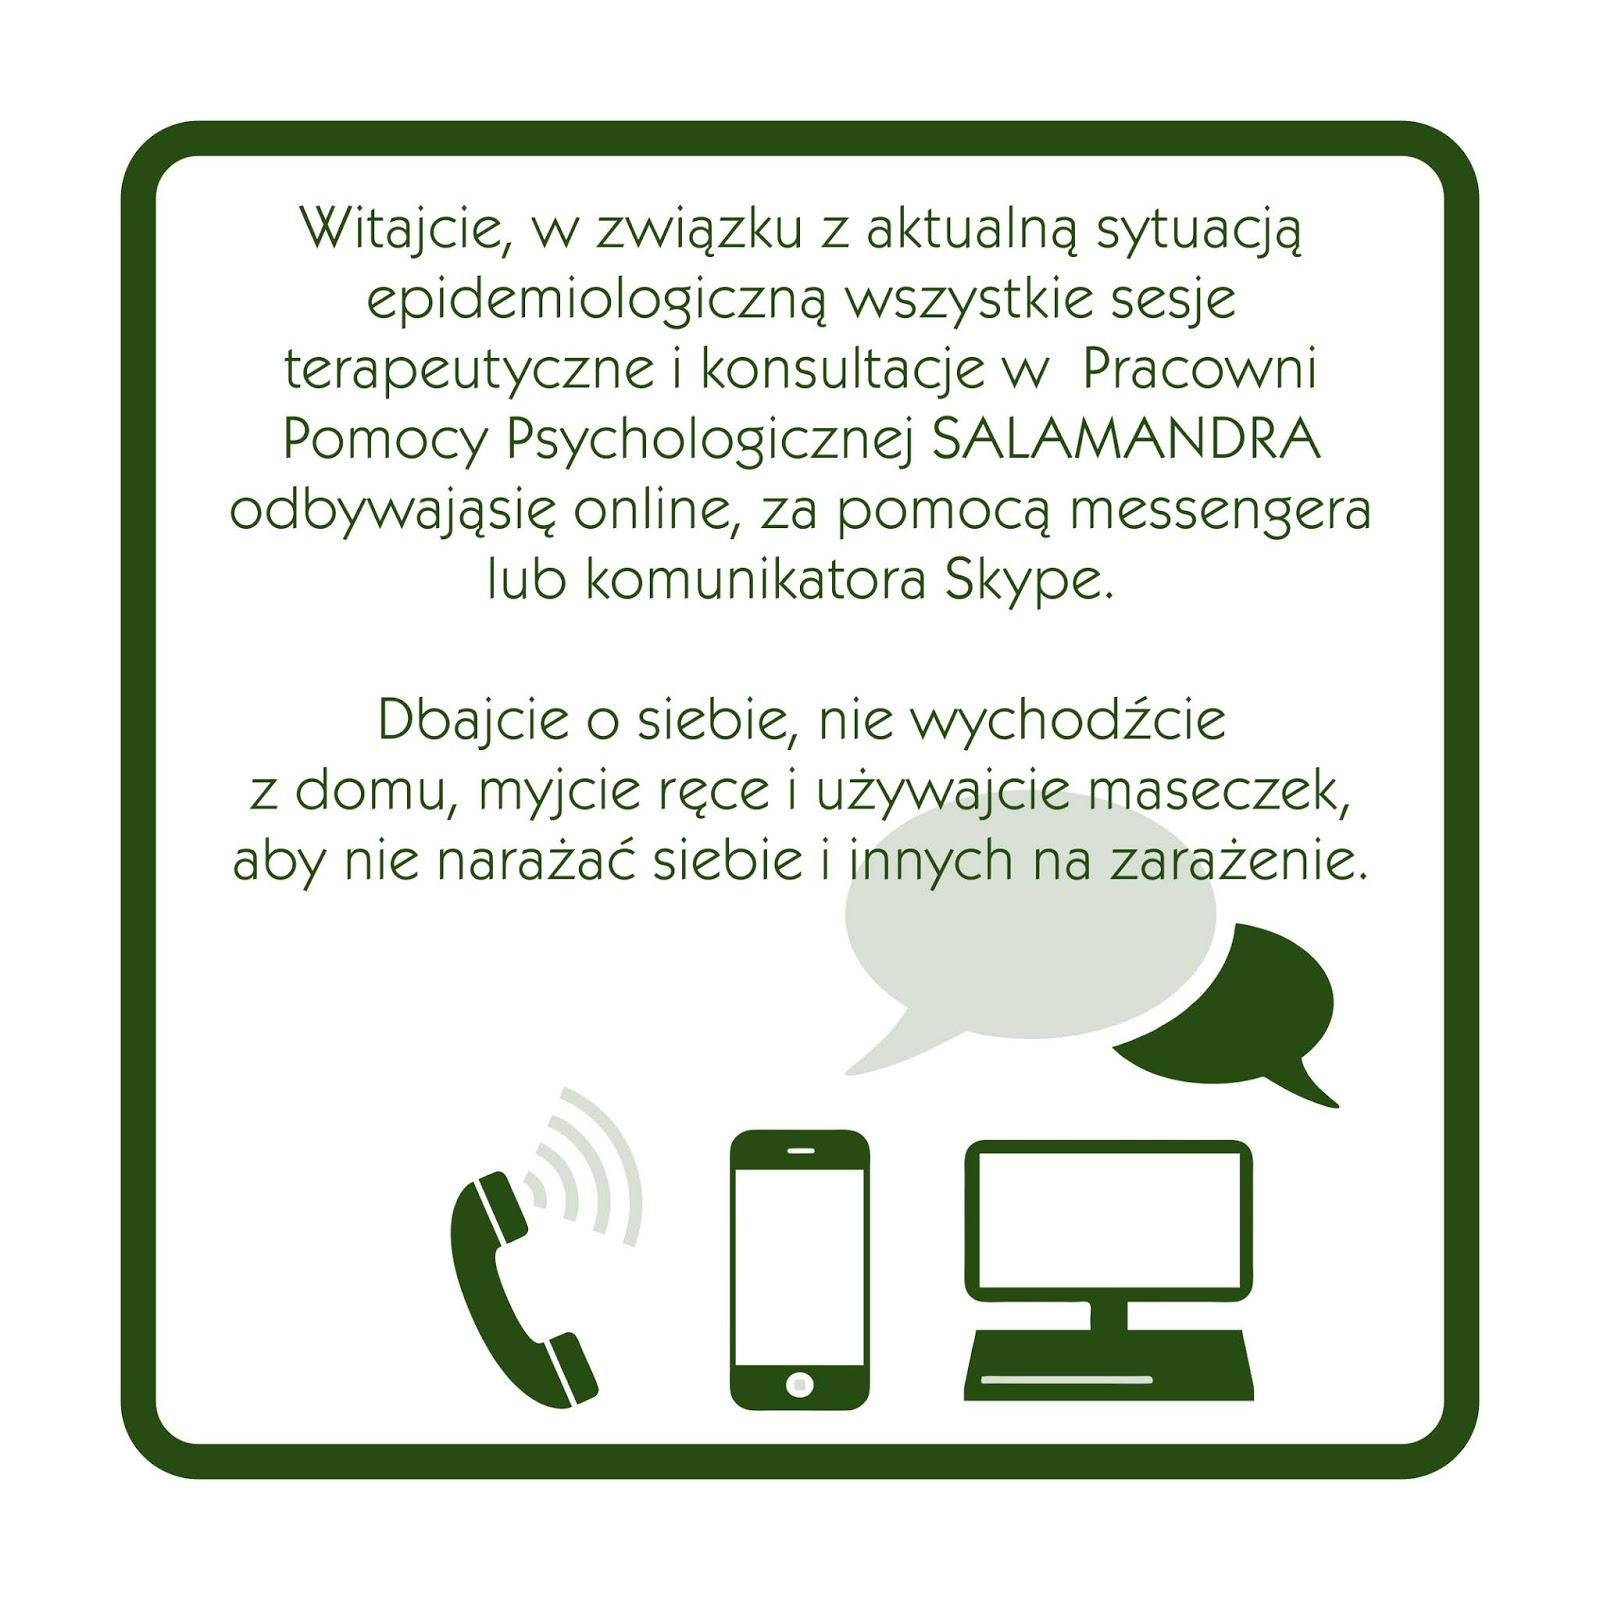 Aktualności - podczas epidemii wszystkie sesje terapeutyczne odbywają się online